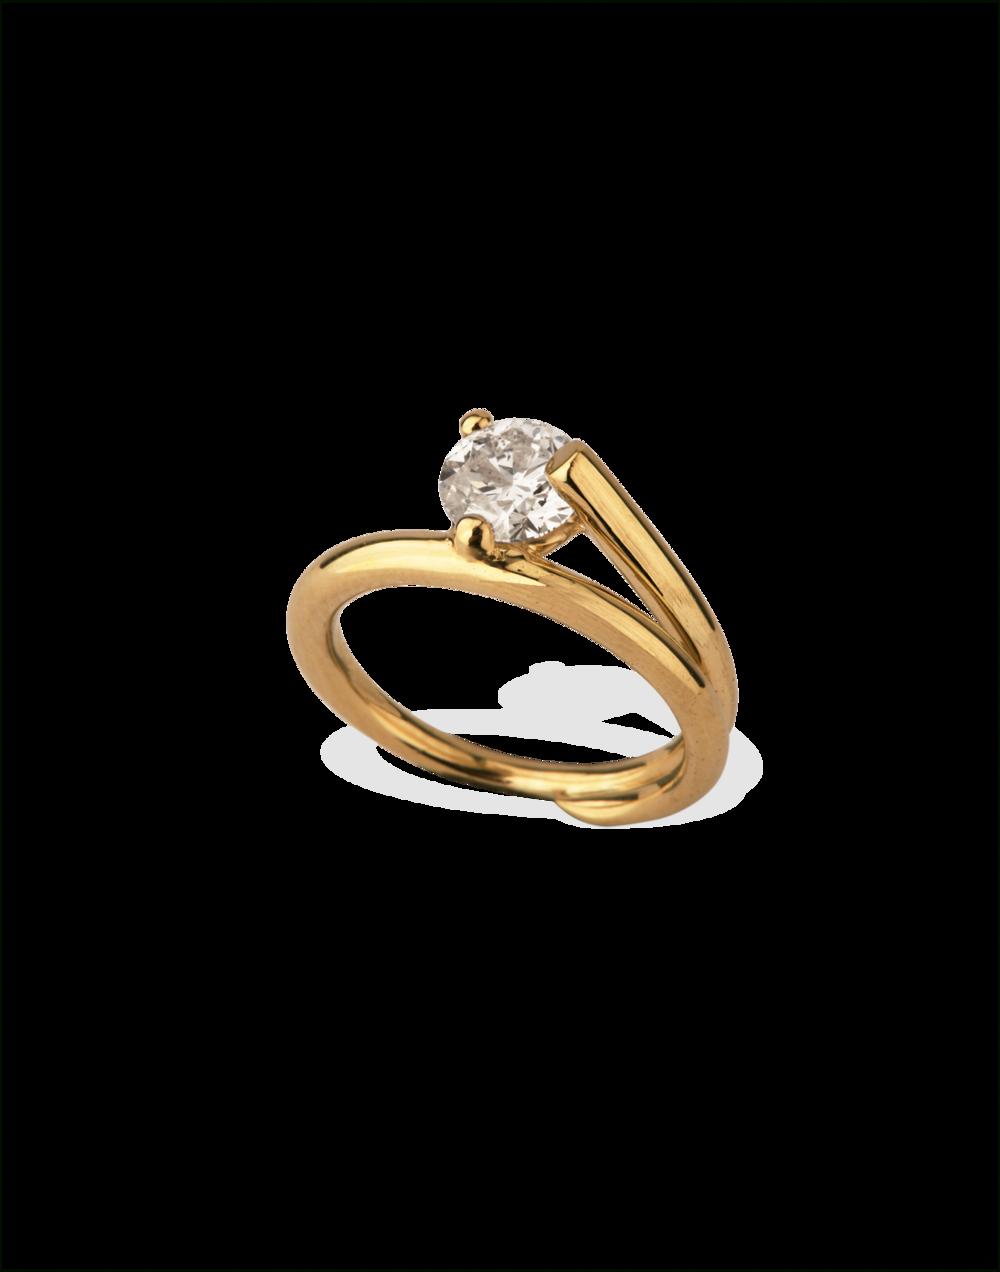 Completedworks-Subverted-Flower-Bridal-Ring-1-1.png